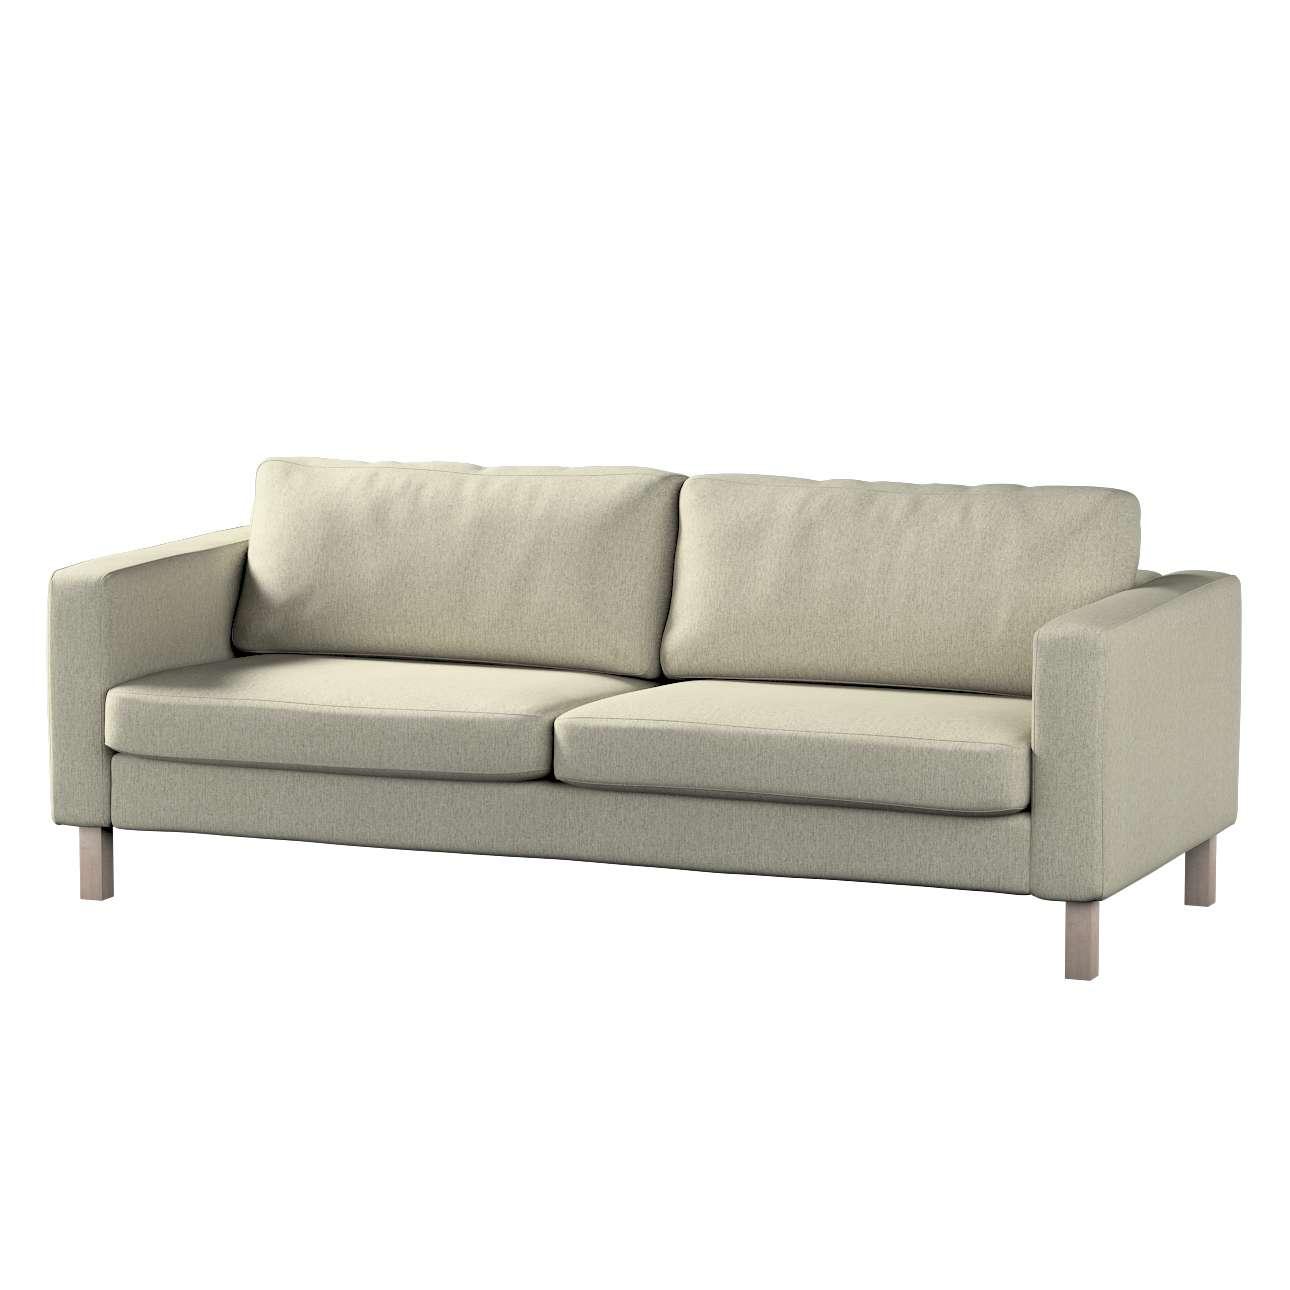 Pokrowiec na sofę Karlstad 3-osobową nierozkładaną, krótki w kolekcji Living, tkanina: 161-62